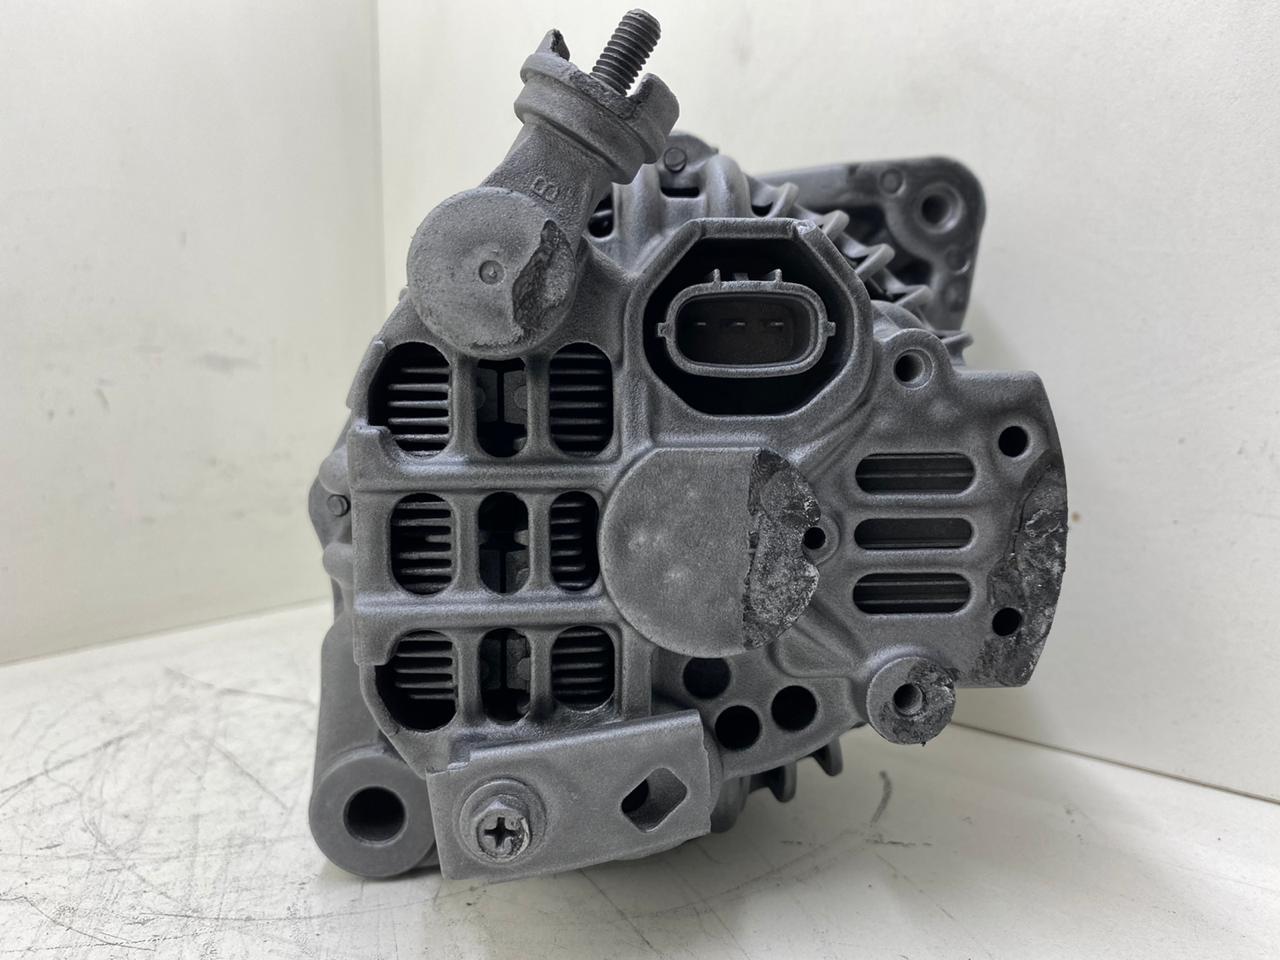 Alternador MITSUBISHI 70A 12V Civic Acura 1.6 Lx Ex AHGA39 A5TA3891 A5TA4891